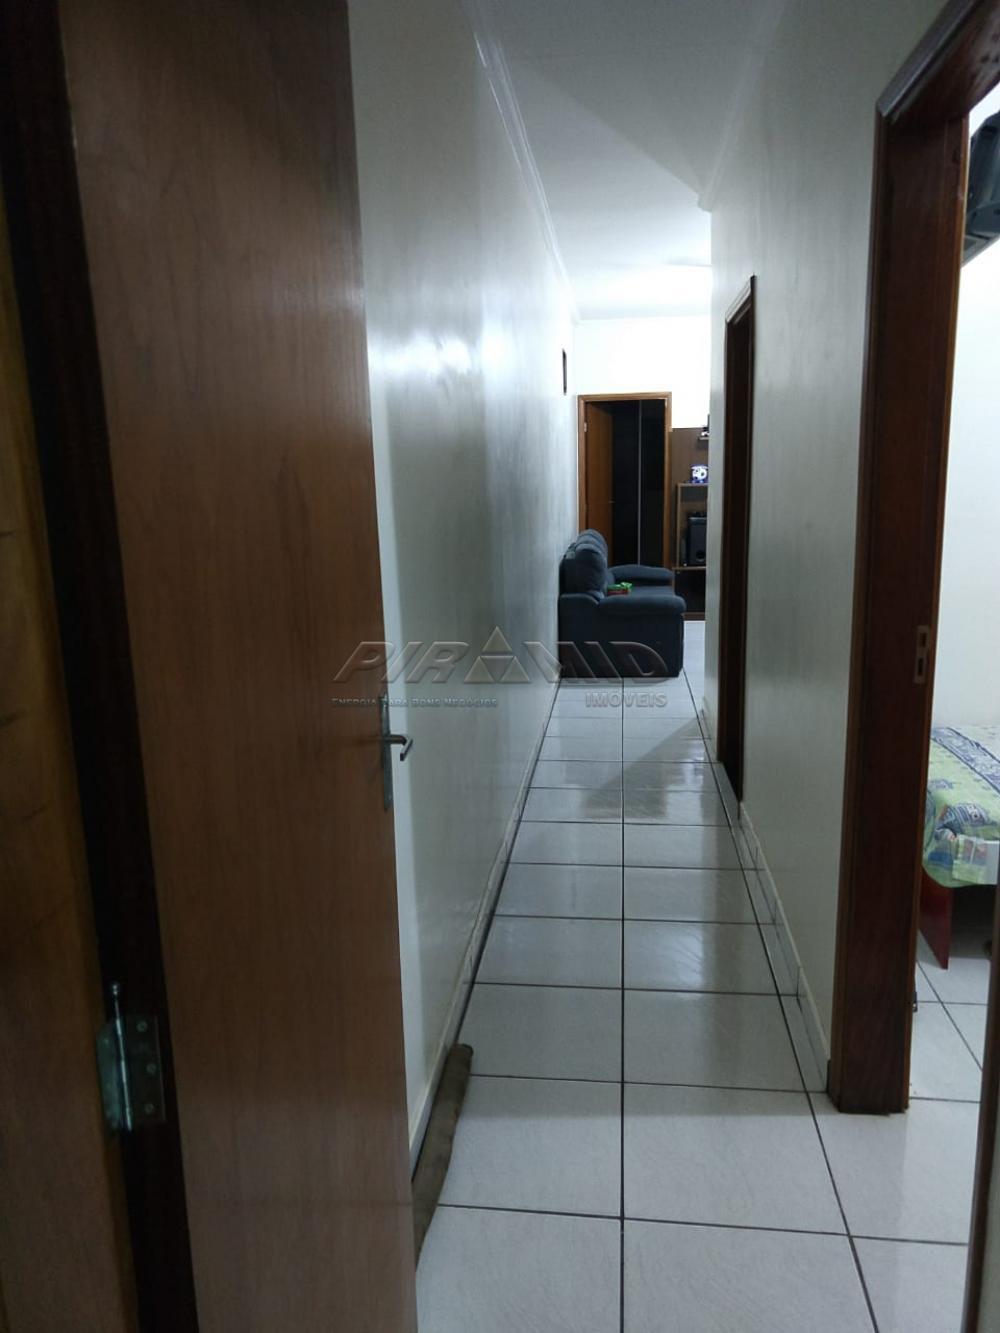 Comprar Casa / Padrão em Ribeirão Preto R$ 320.000,00 - Foto 14